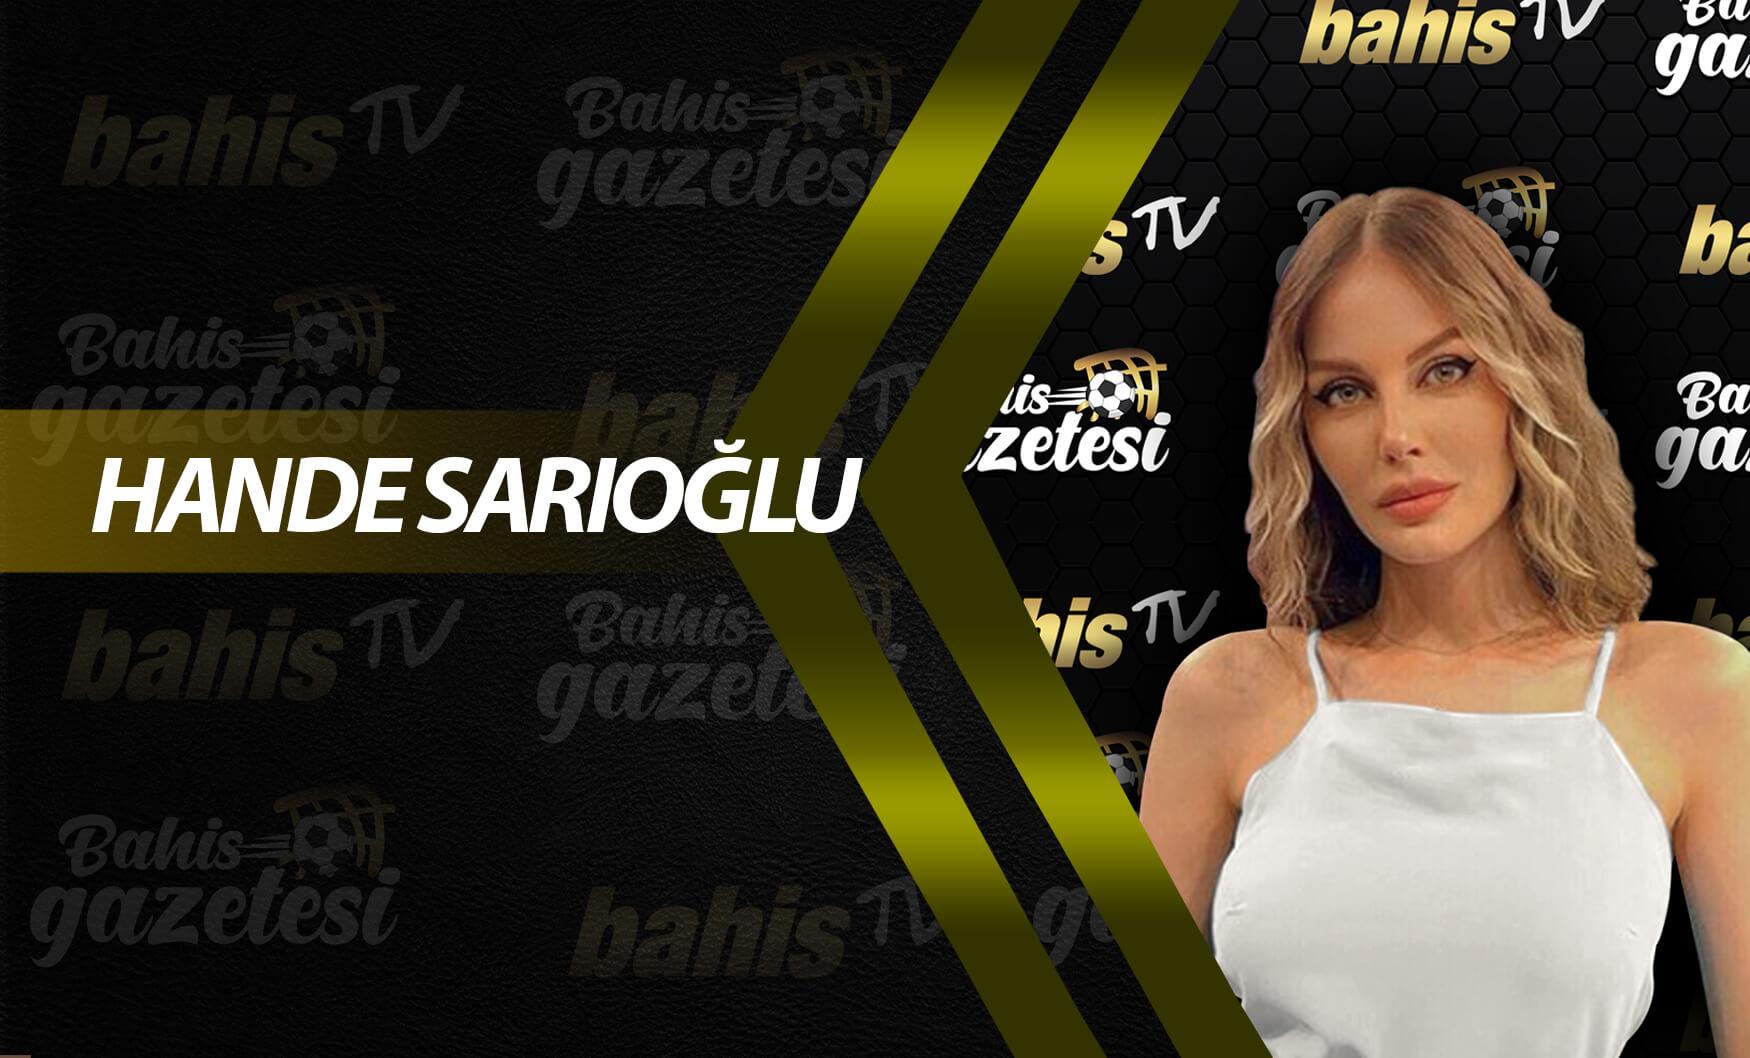 Hande Sarıoğlu